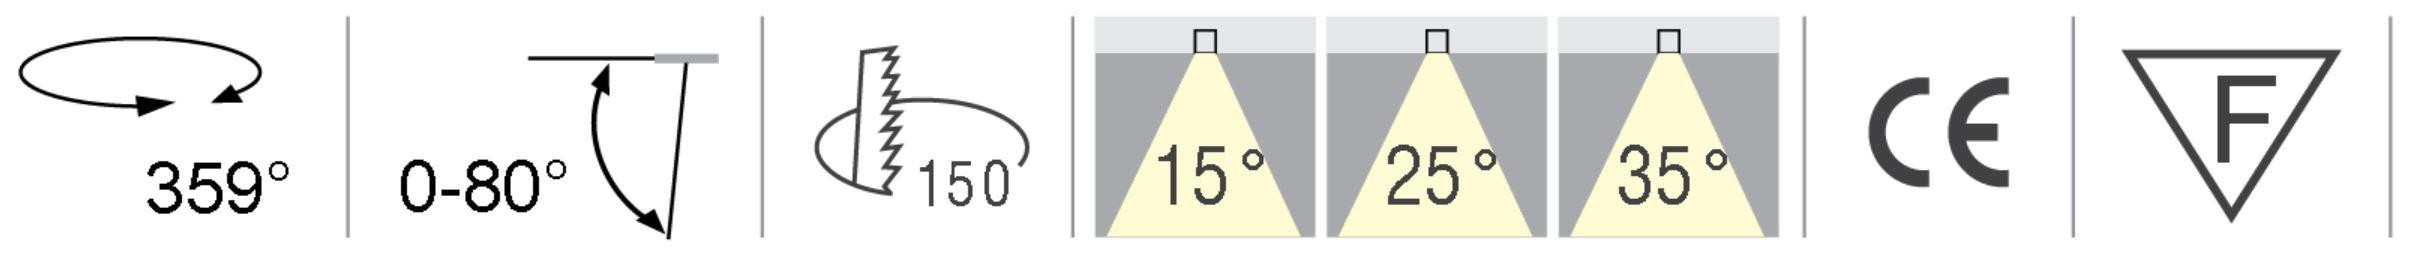 LED Deckeneinbauleuchte T6